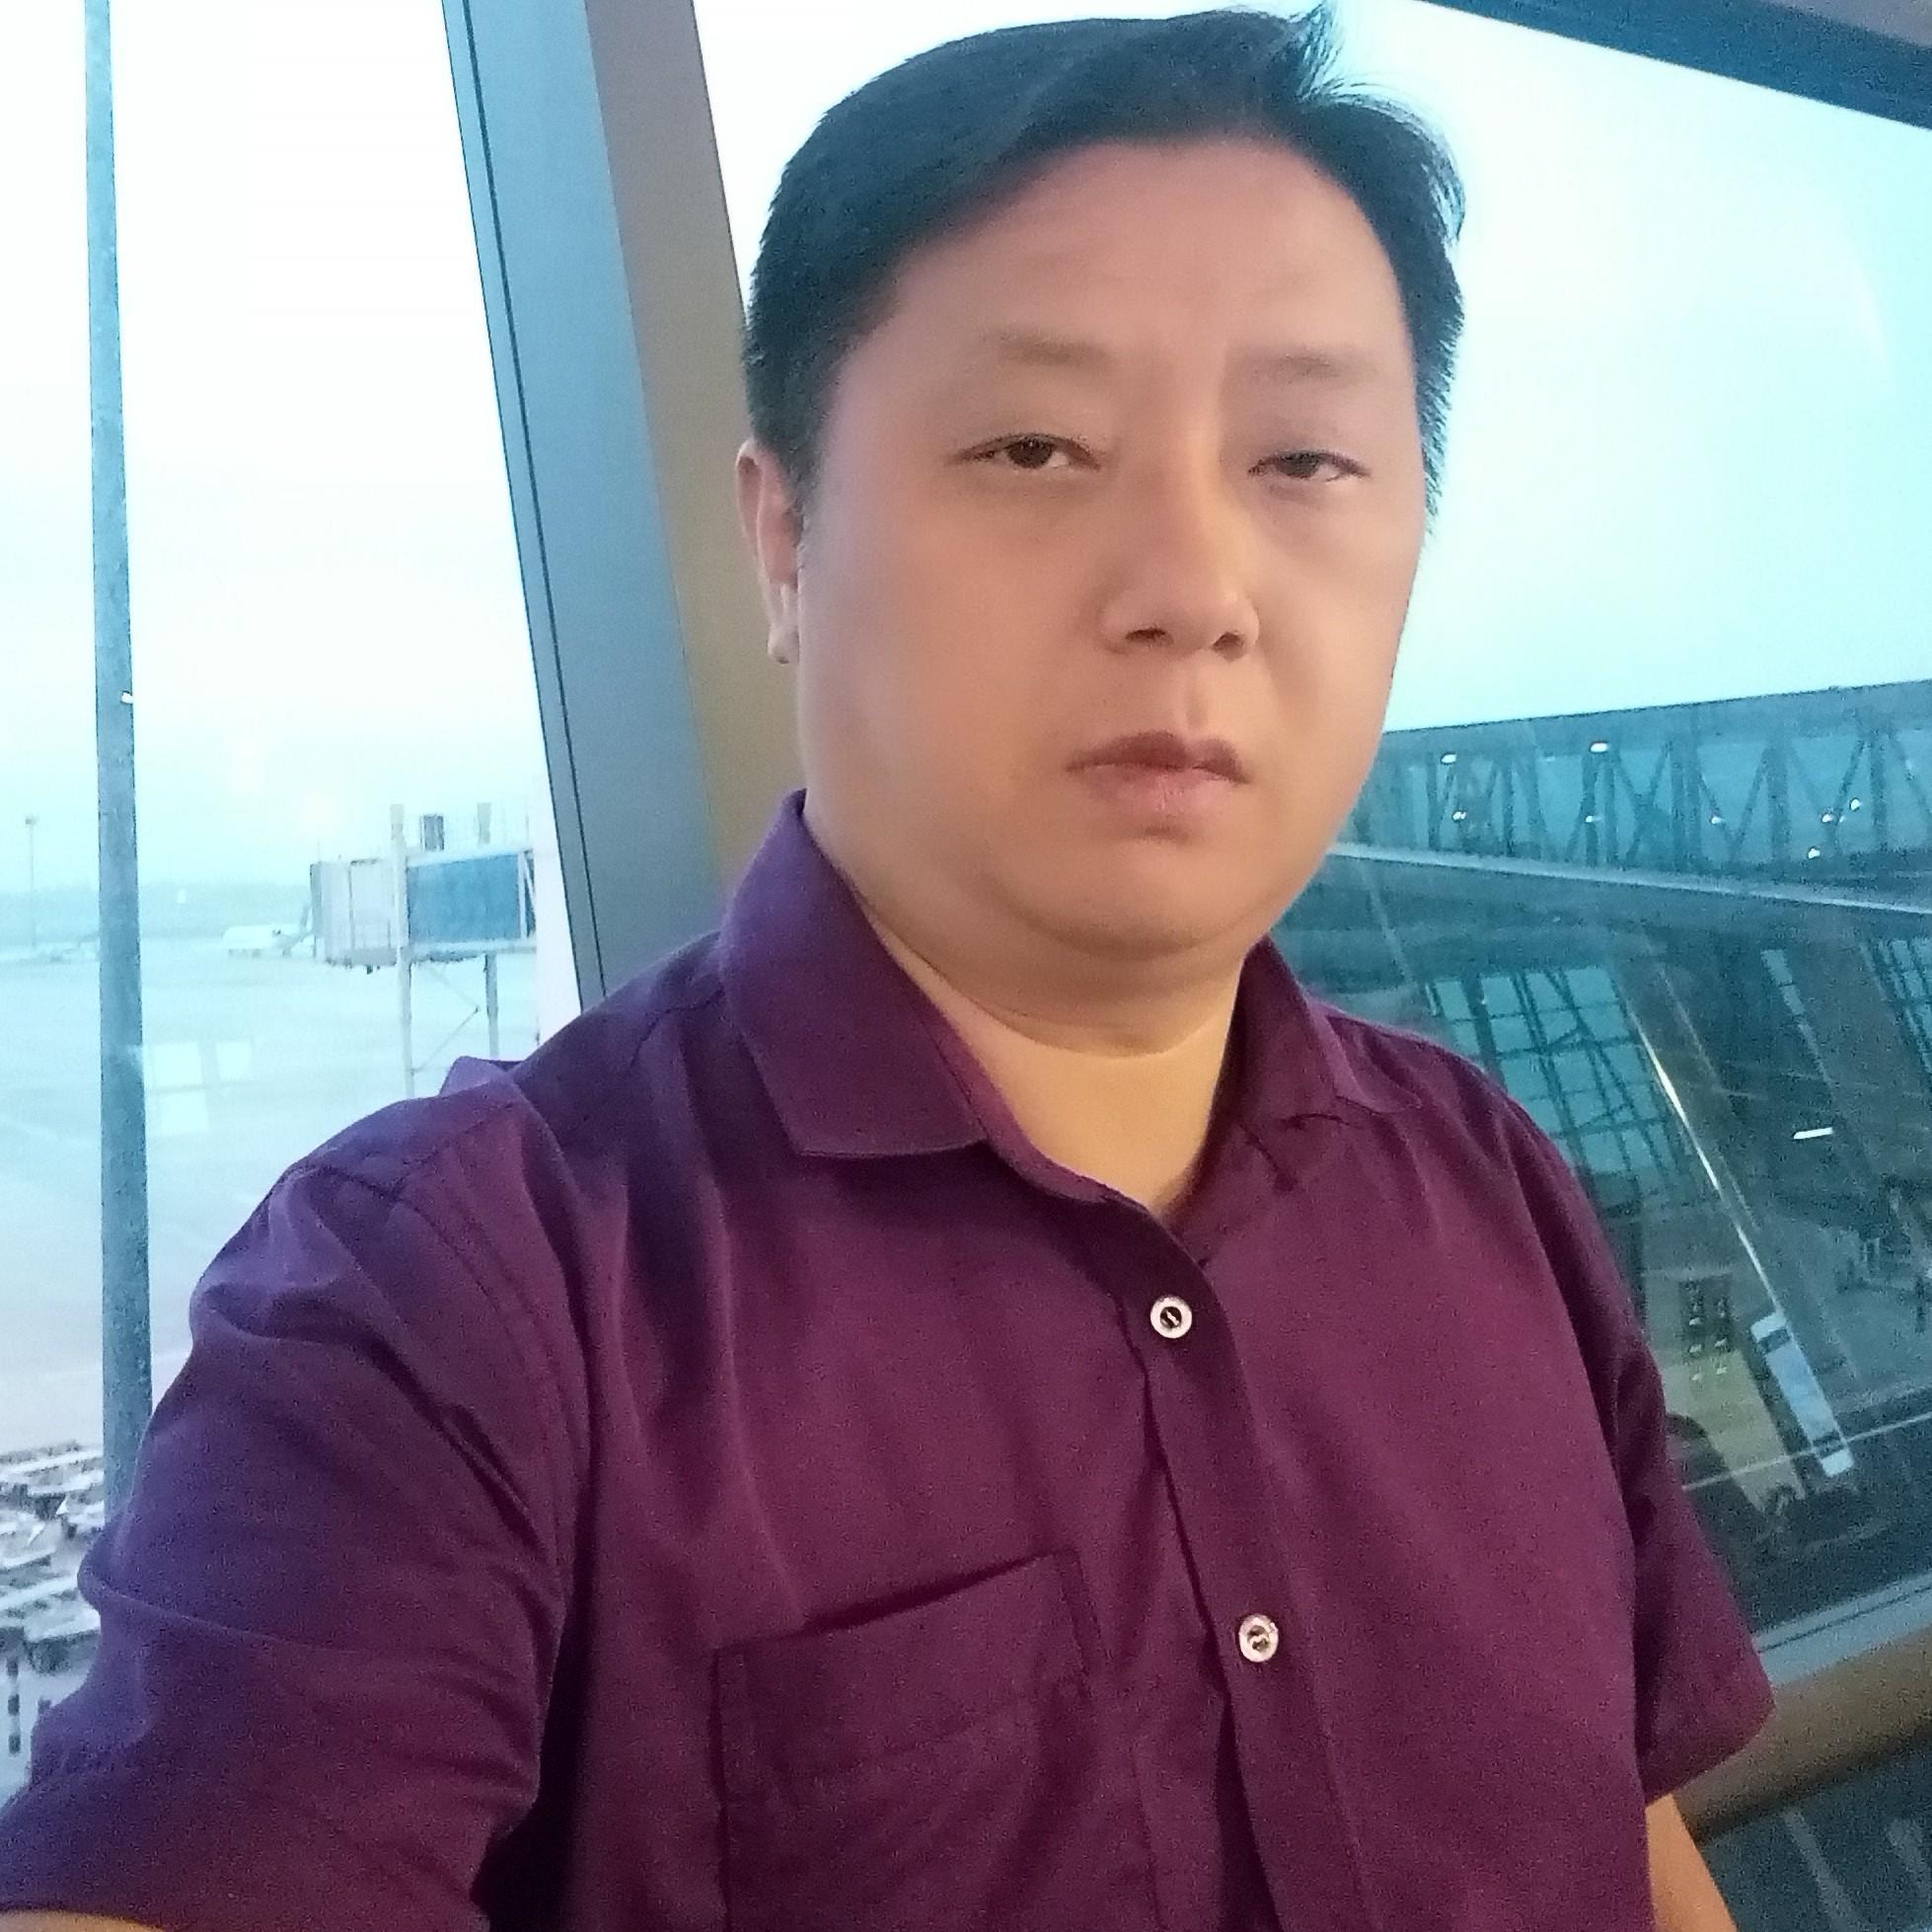 深圳市瑞和祥科技有限公司CMO骆先军照片